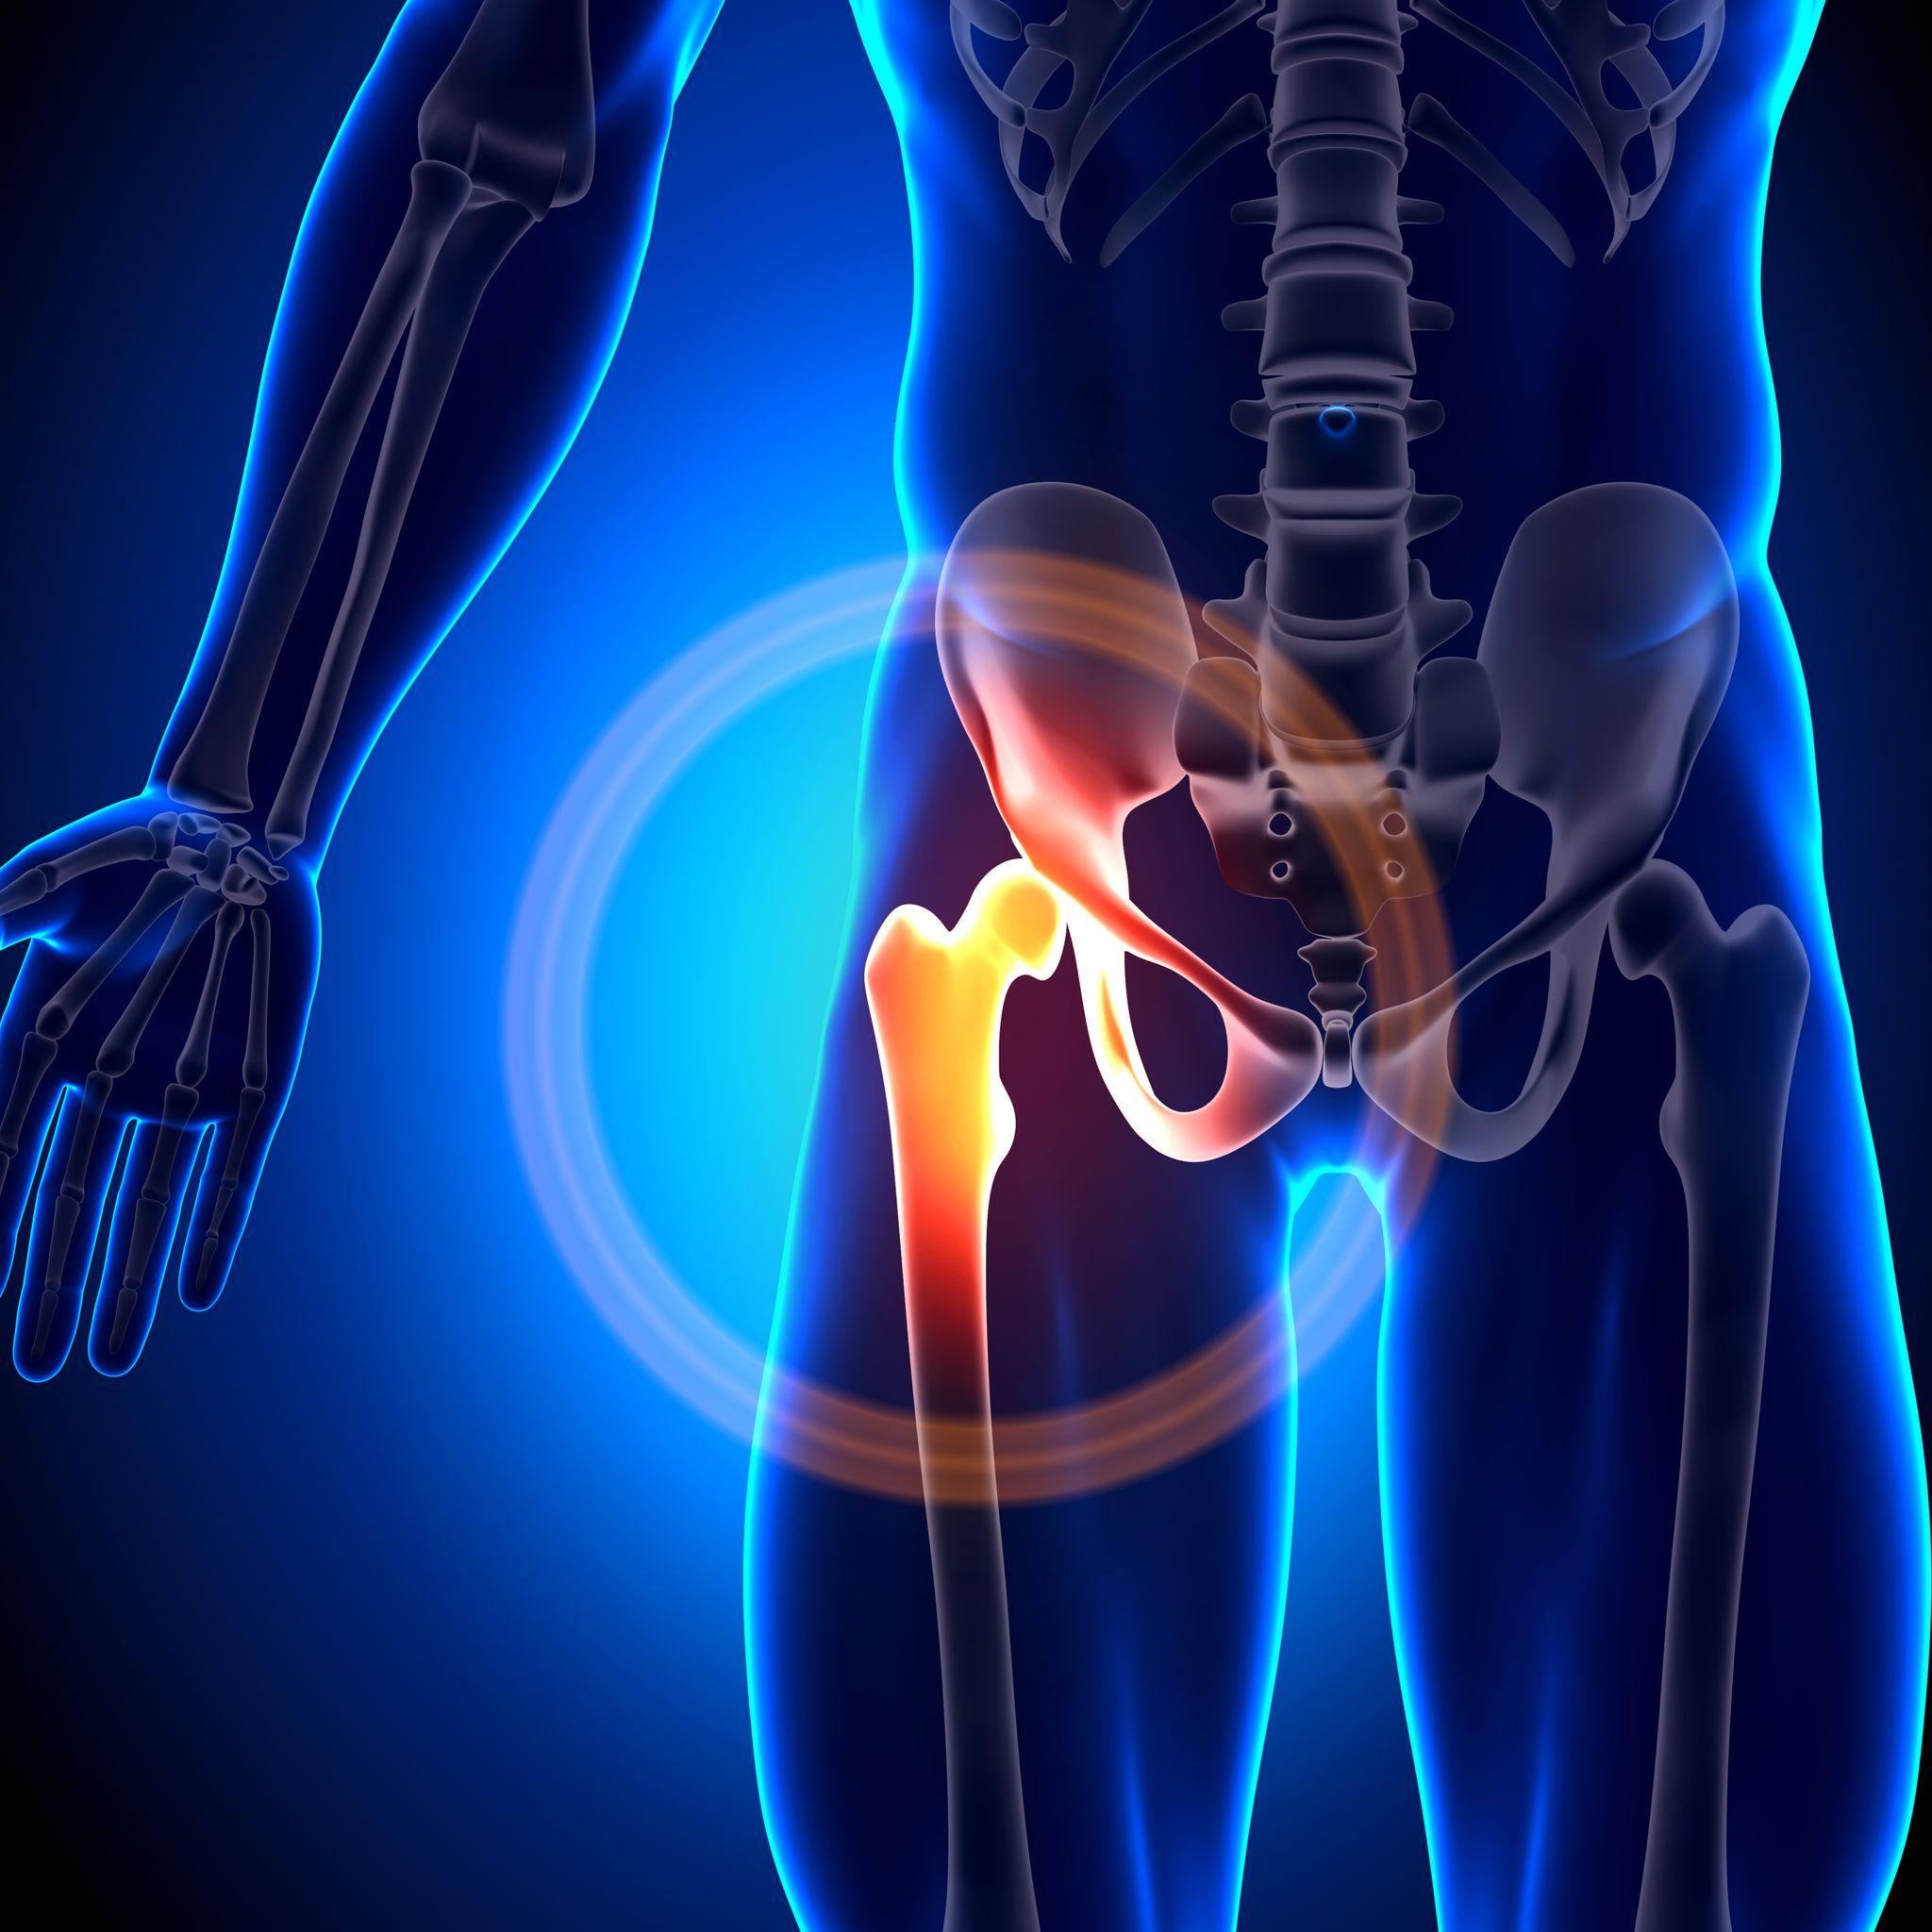 inhüvely bemetszés műtét csinálni ha a csípőízület fáj